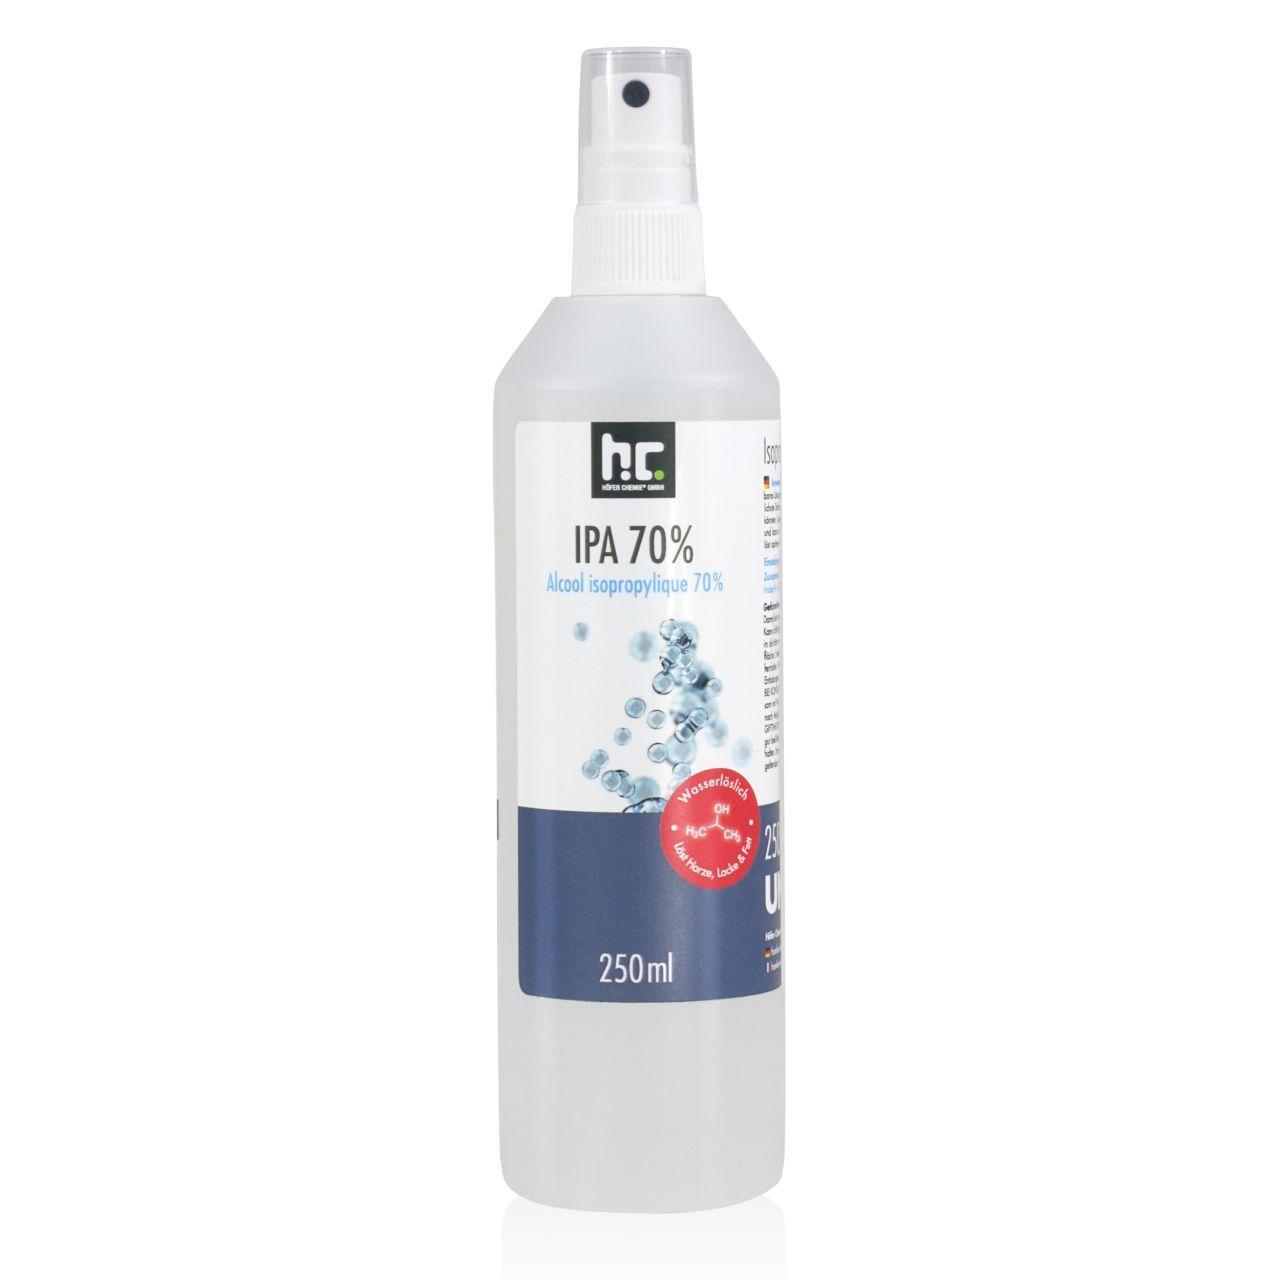 Höfer Chemie 3 l alcool isopropylique 70% en flacon vaporisateur (12 x 250 ml)